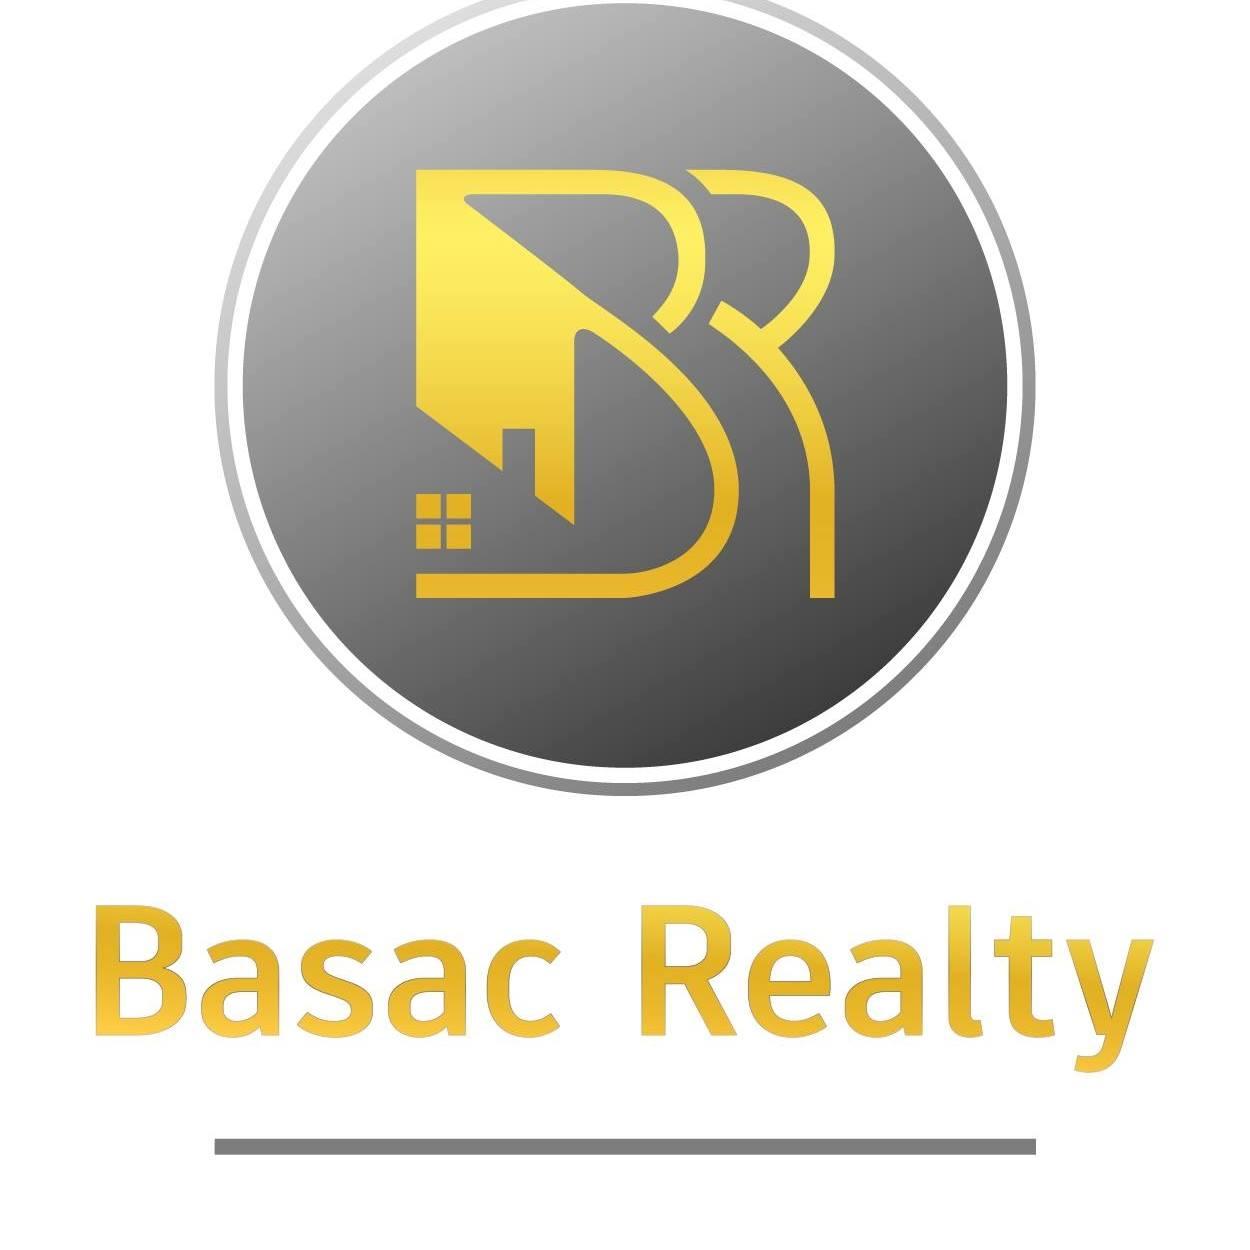 Basac Realty